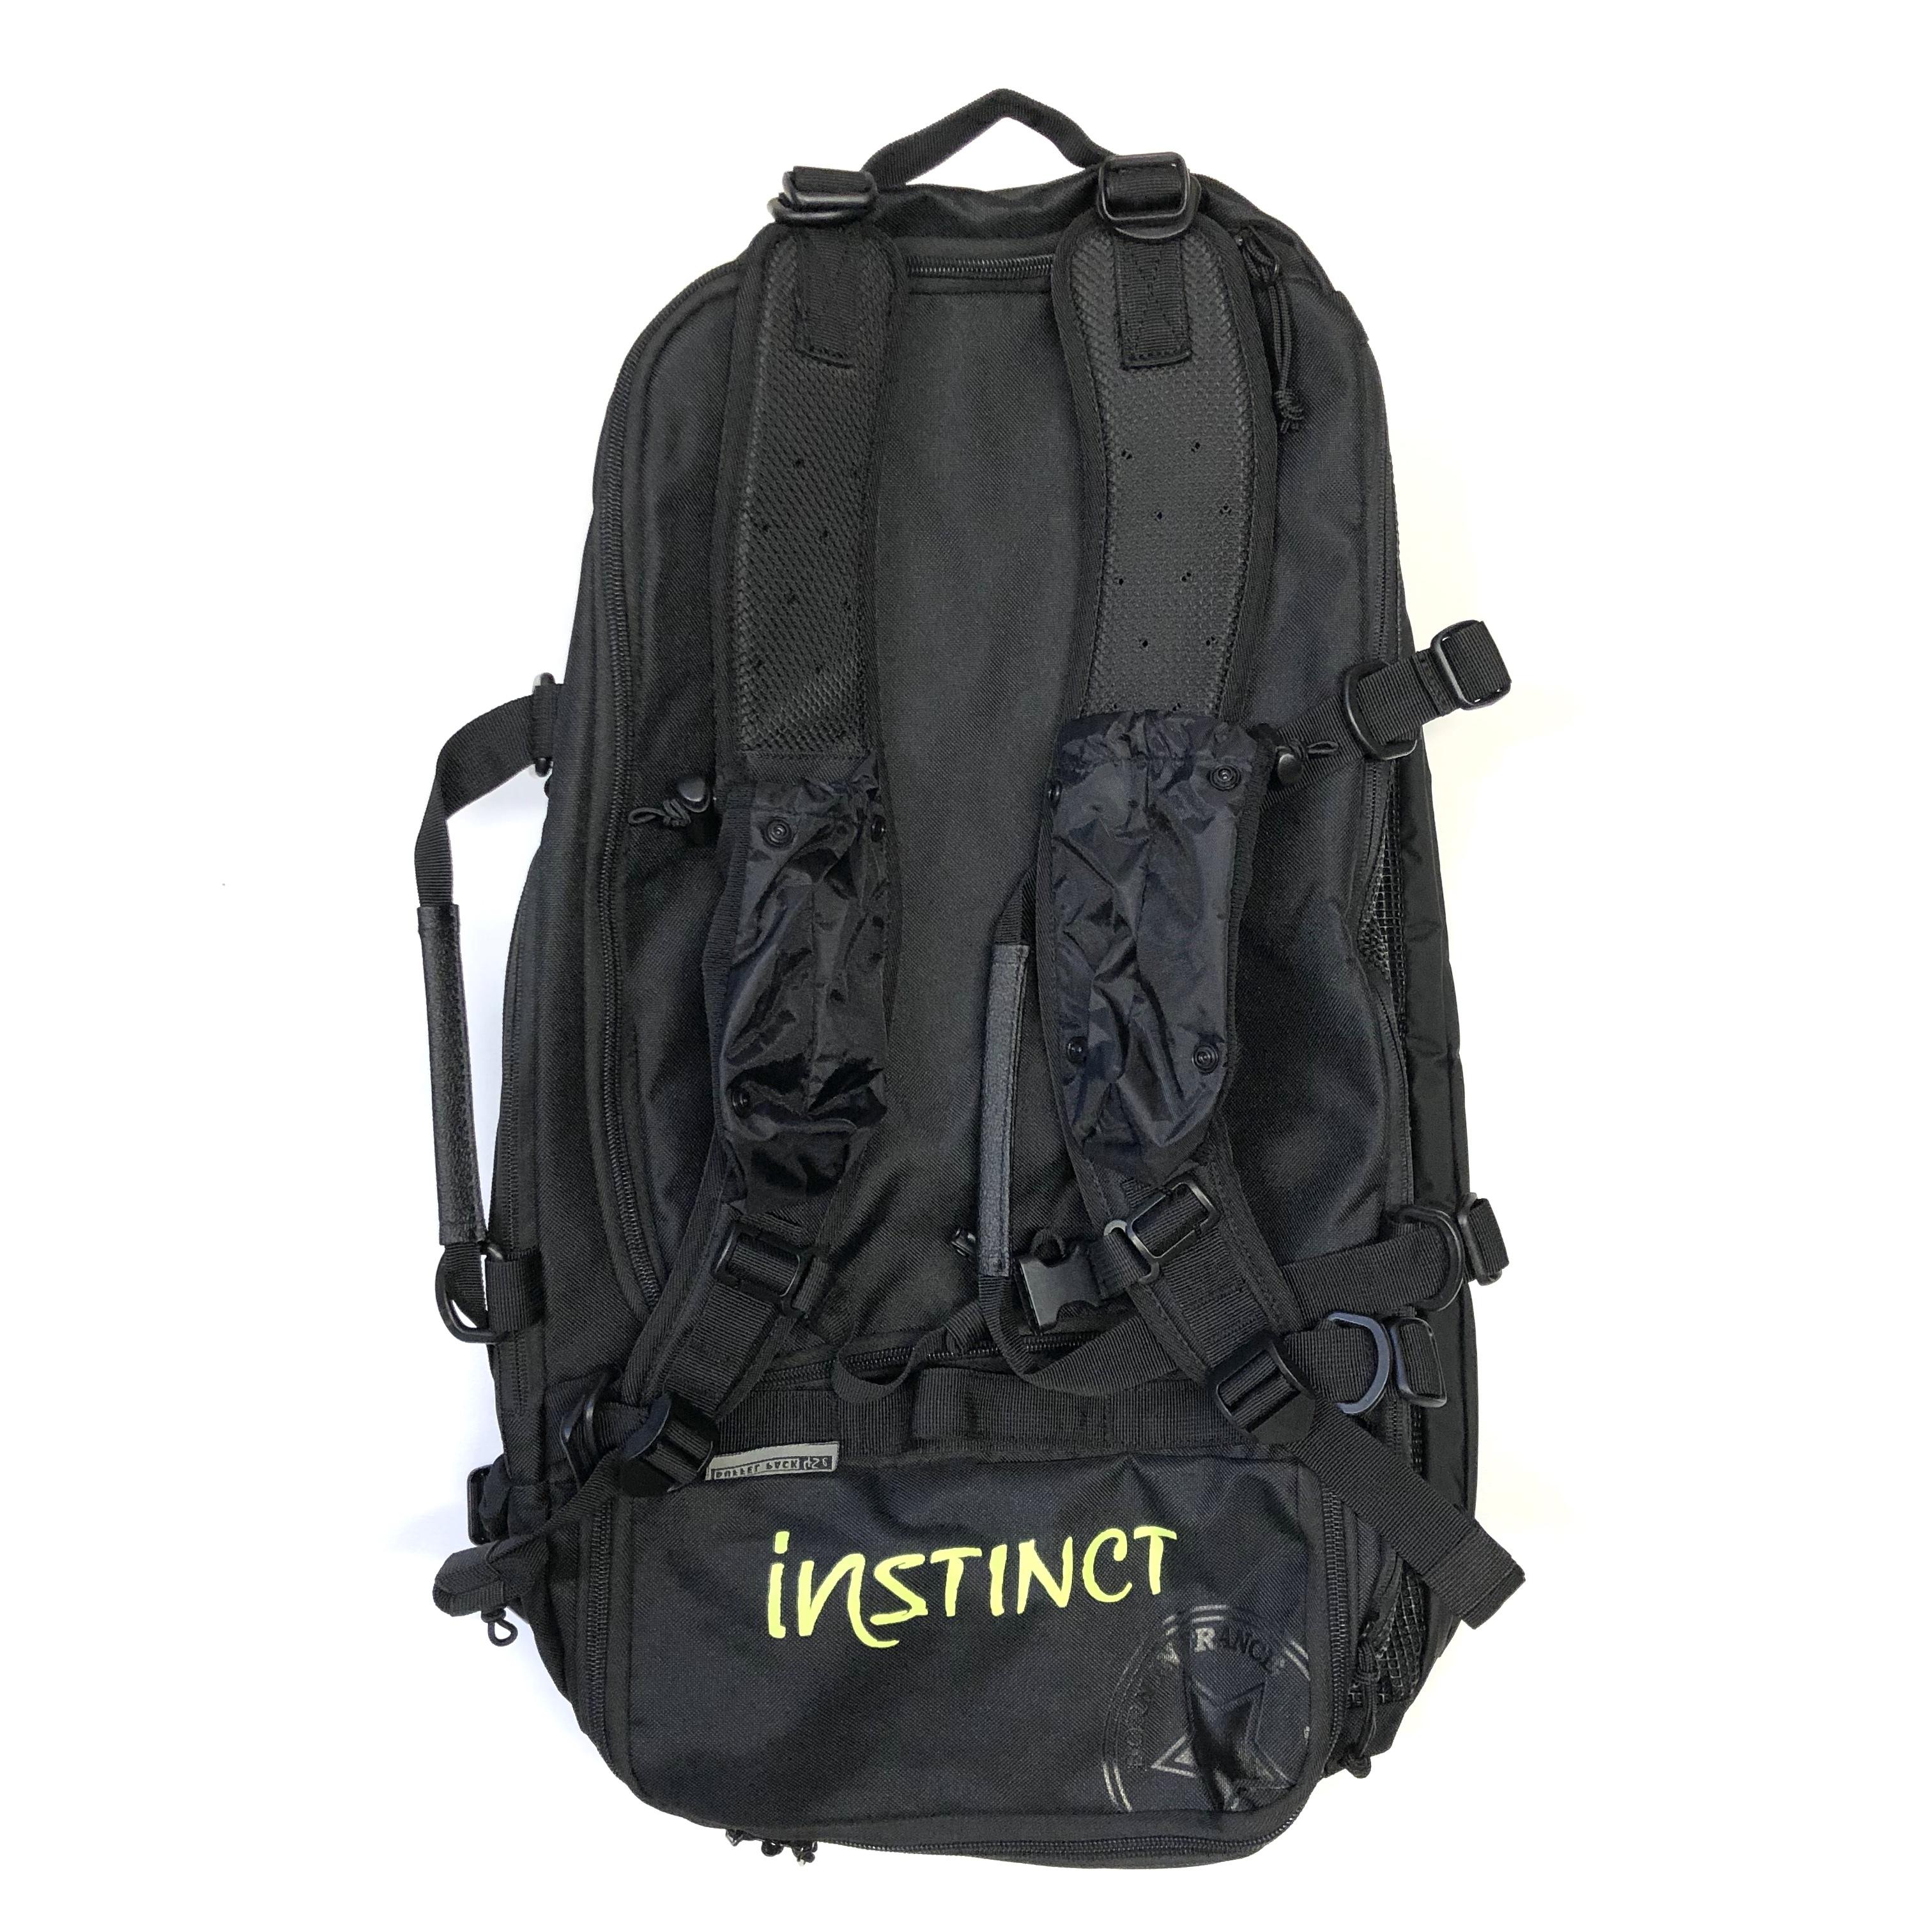 instinct / Duffle 45L BAG